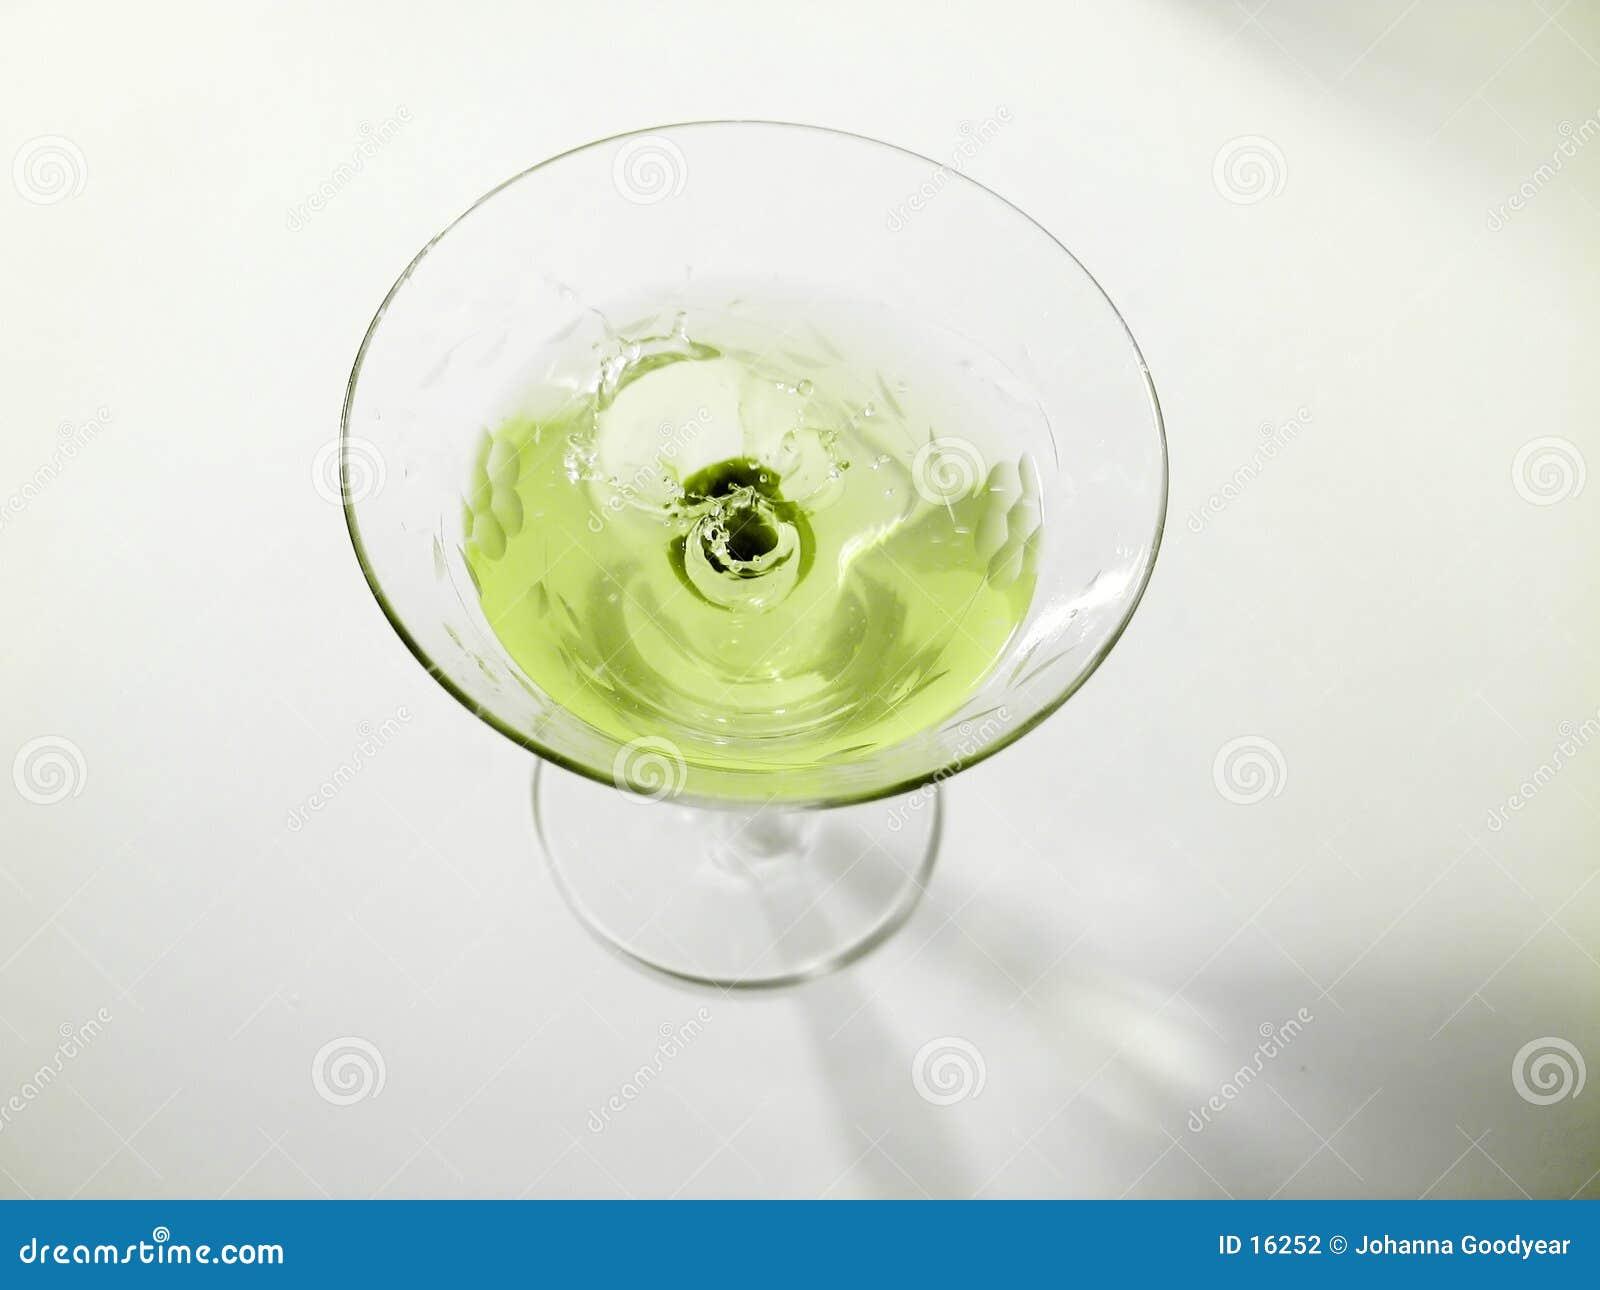 Splashing Olive